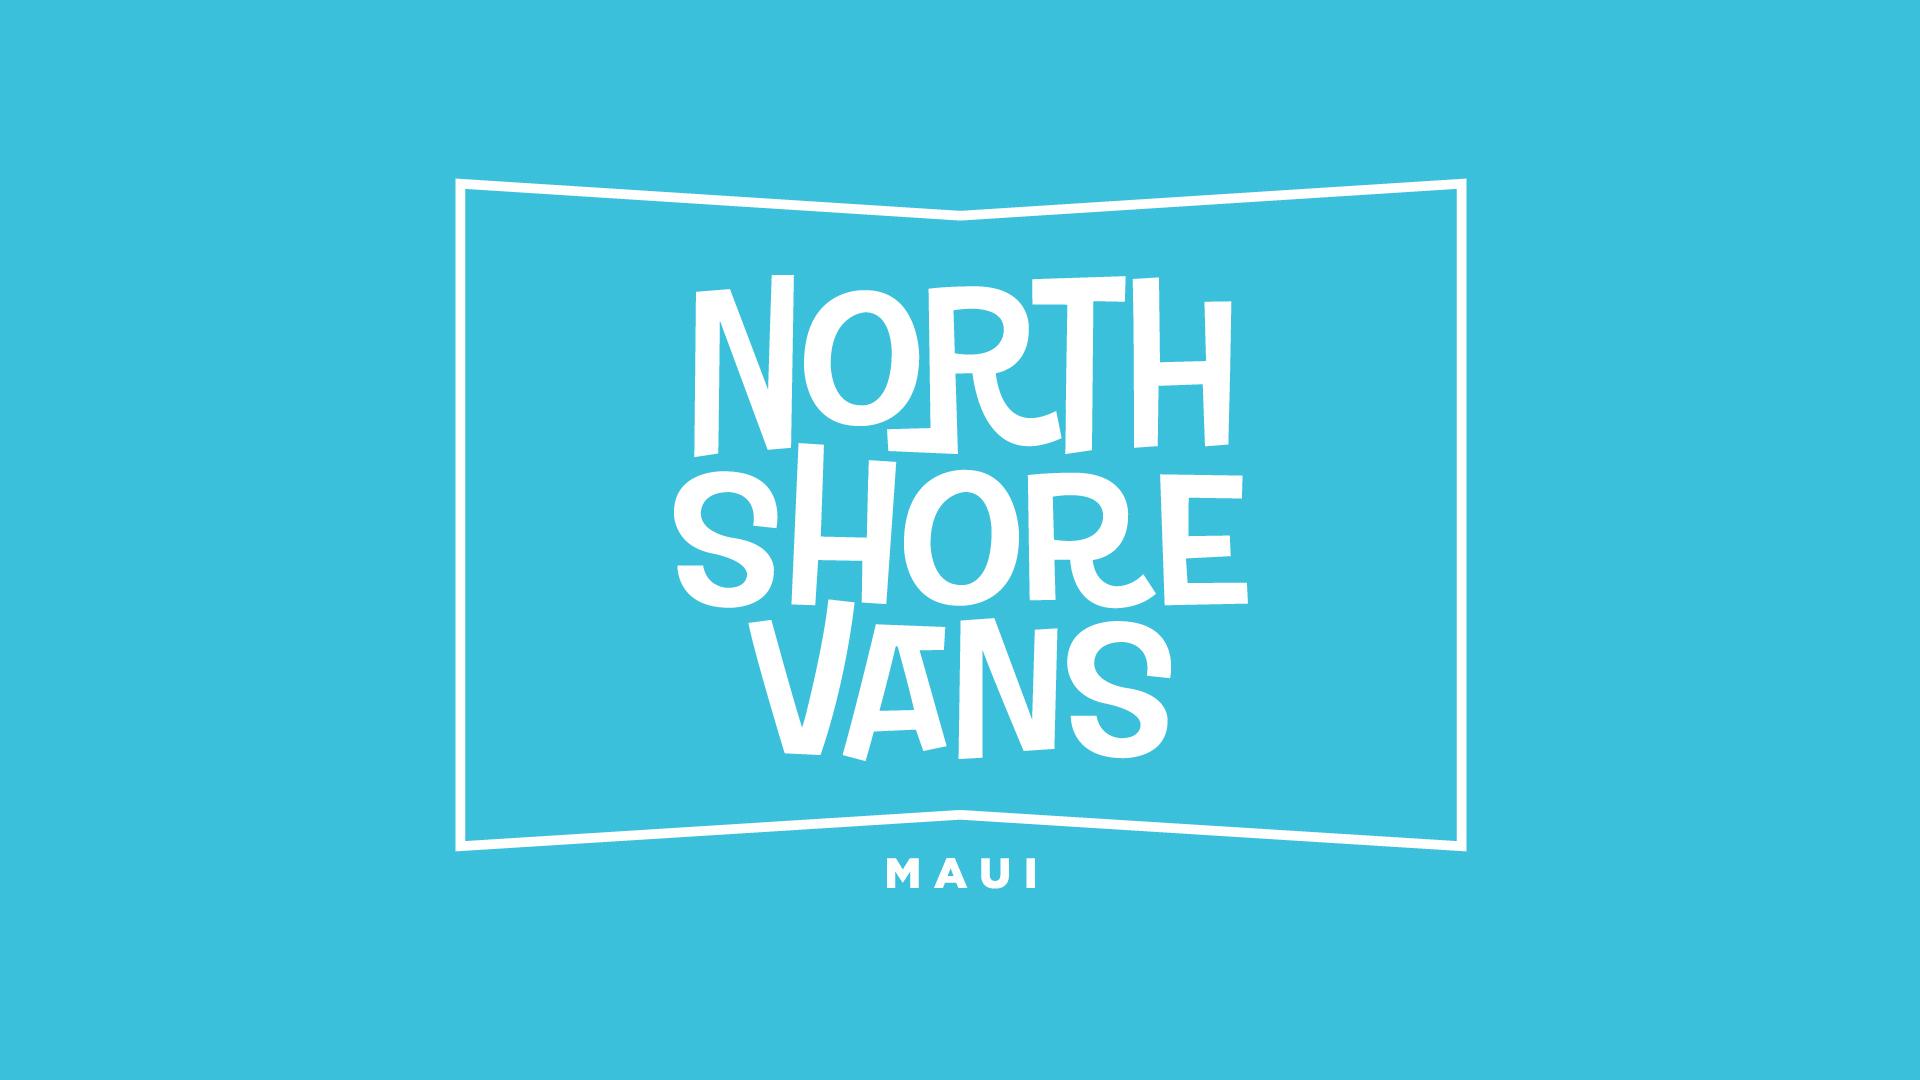 Reviews Camper Van Rental Maui Hi North Shore Vans